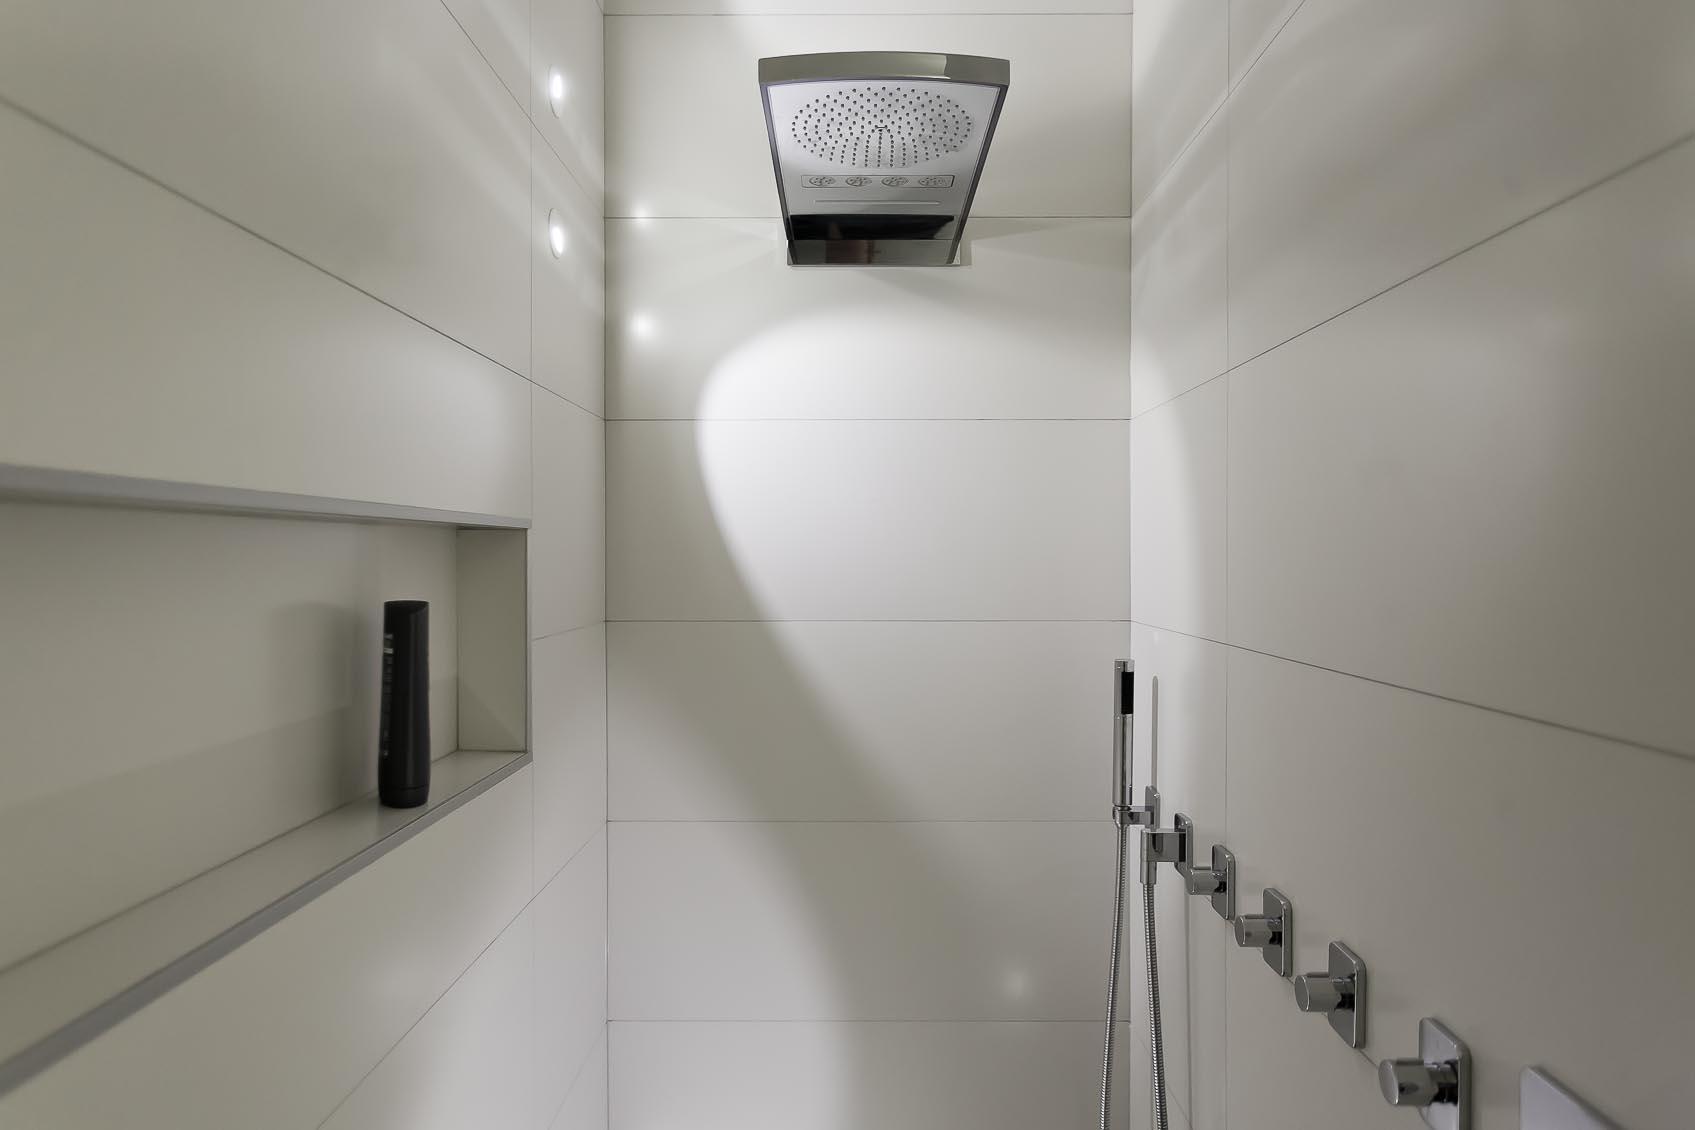 speels spatwaterdicht led inbouw wandlampje geeft bijzondere sfeer in douche